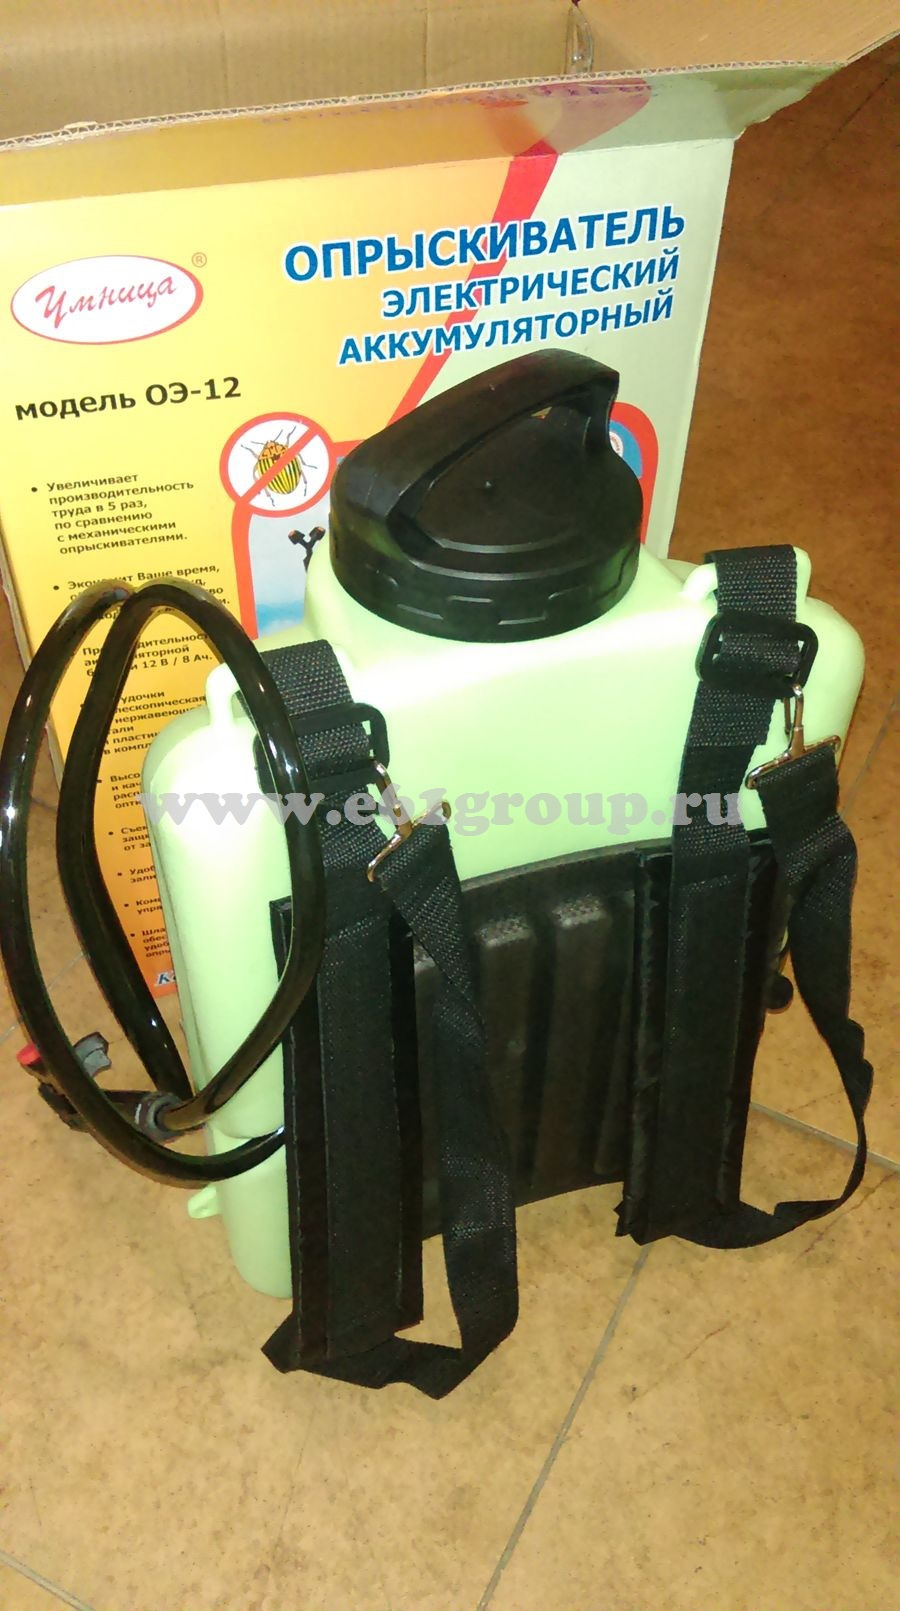 Опрыскиватель электрический Комфорт (Умница) ОЭ-12 стоимость